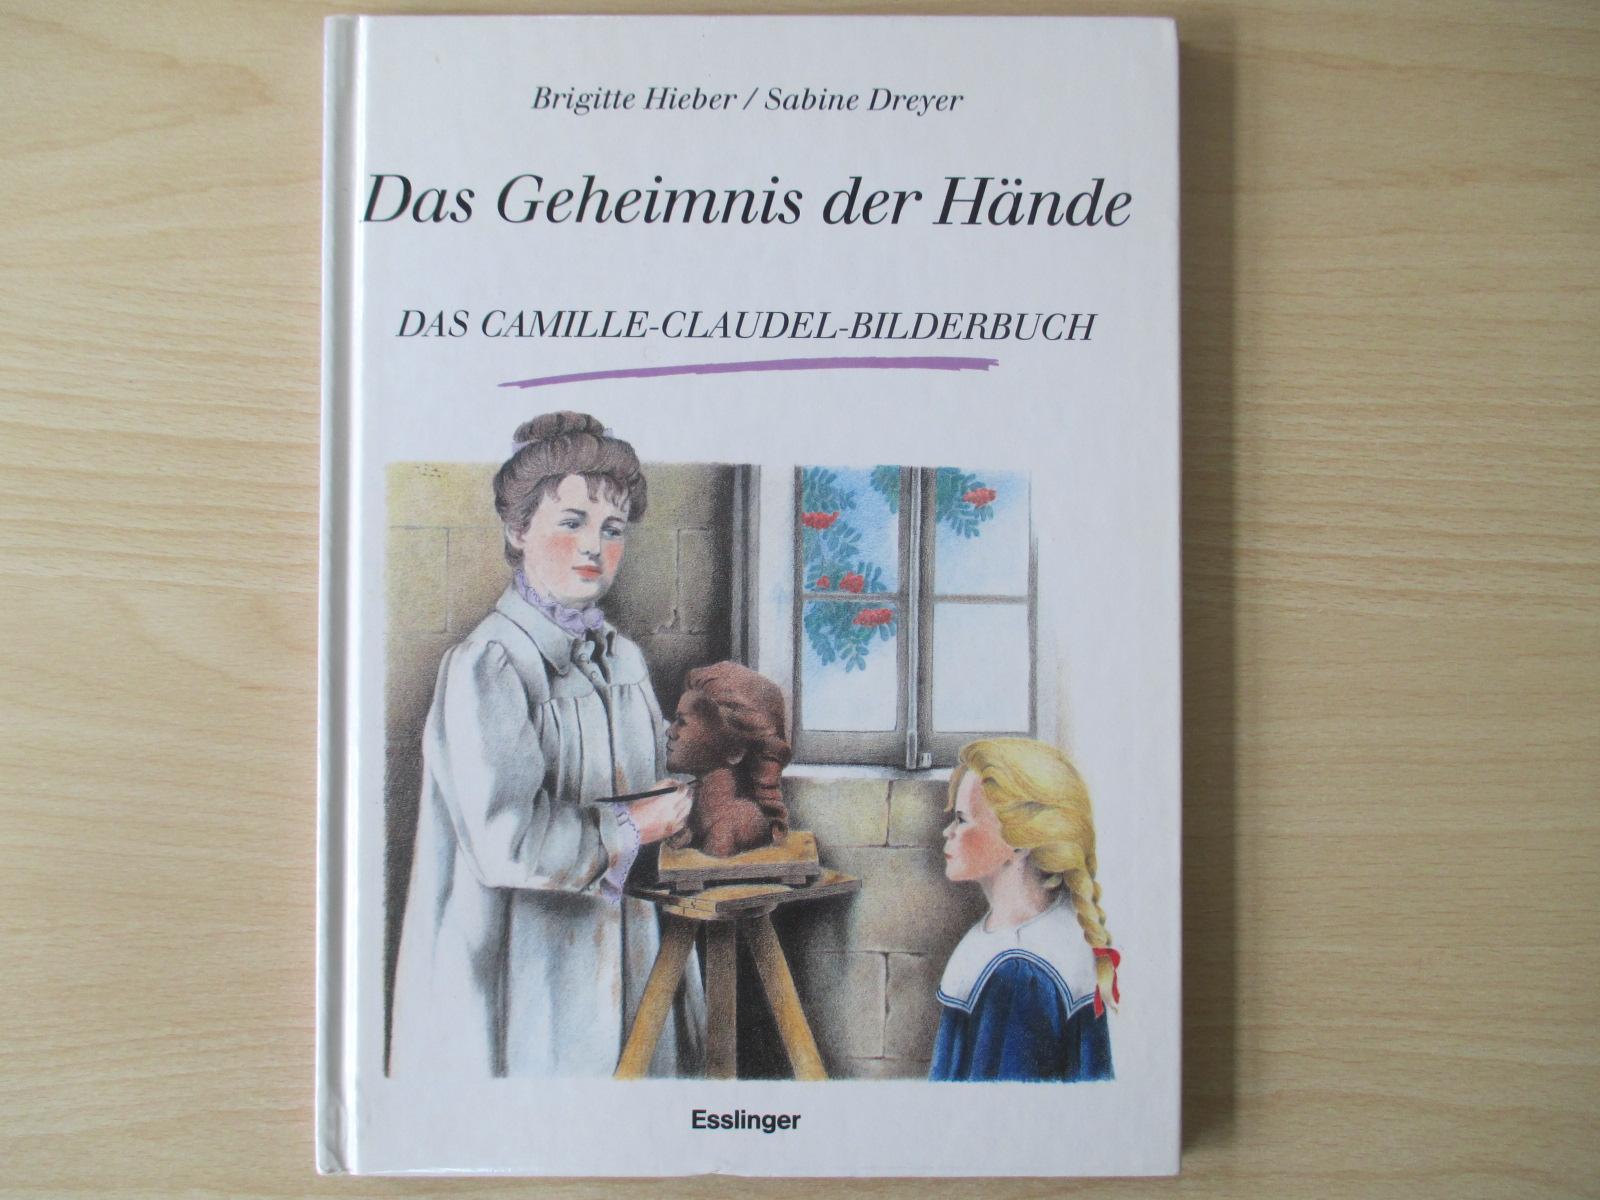 Das Geheimnis der Hände Das Camille-Claudel-Bilderbuch - Hieber, Brigitte & Dreyer, Sabine